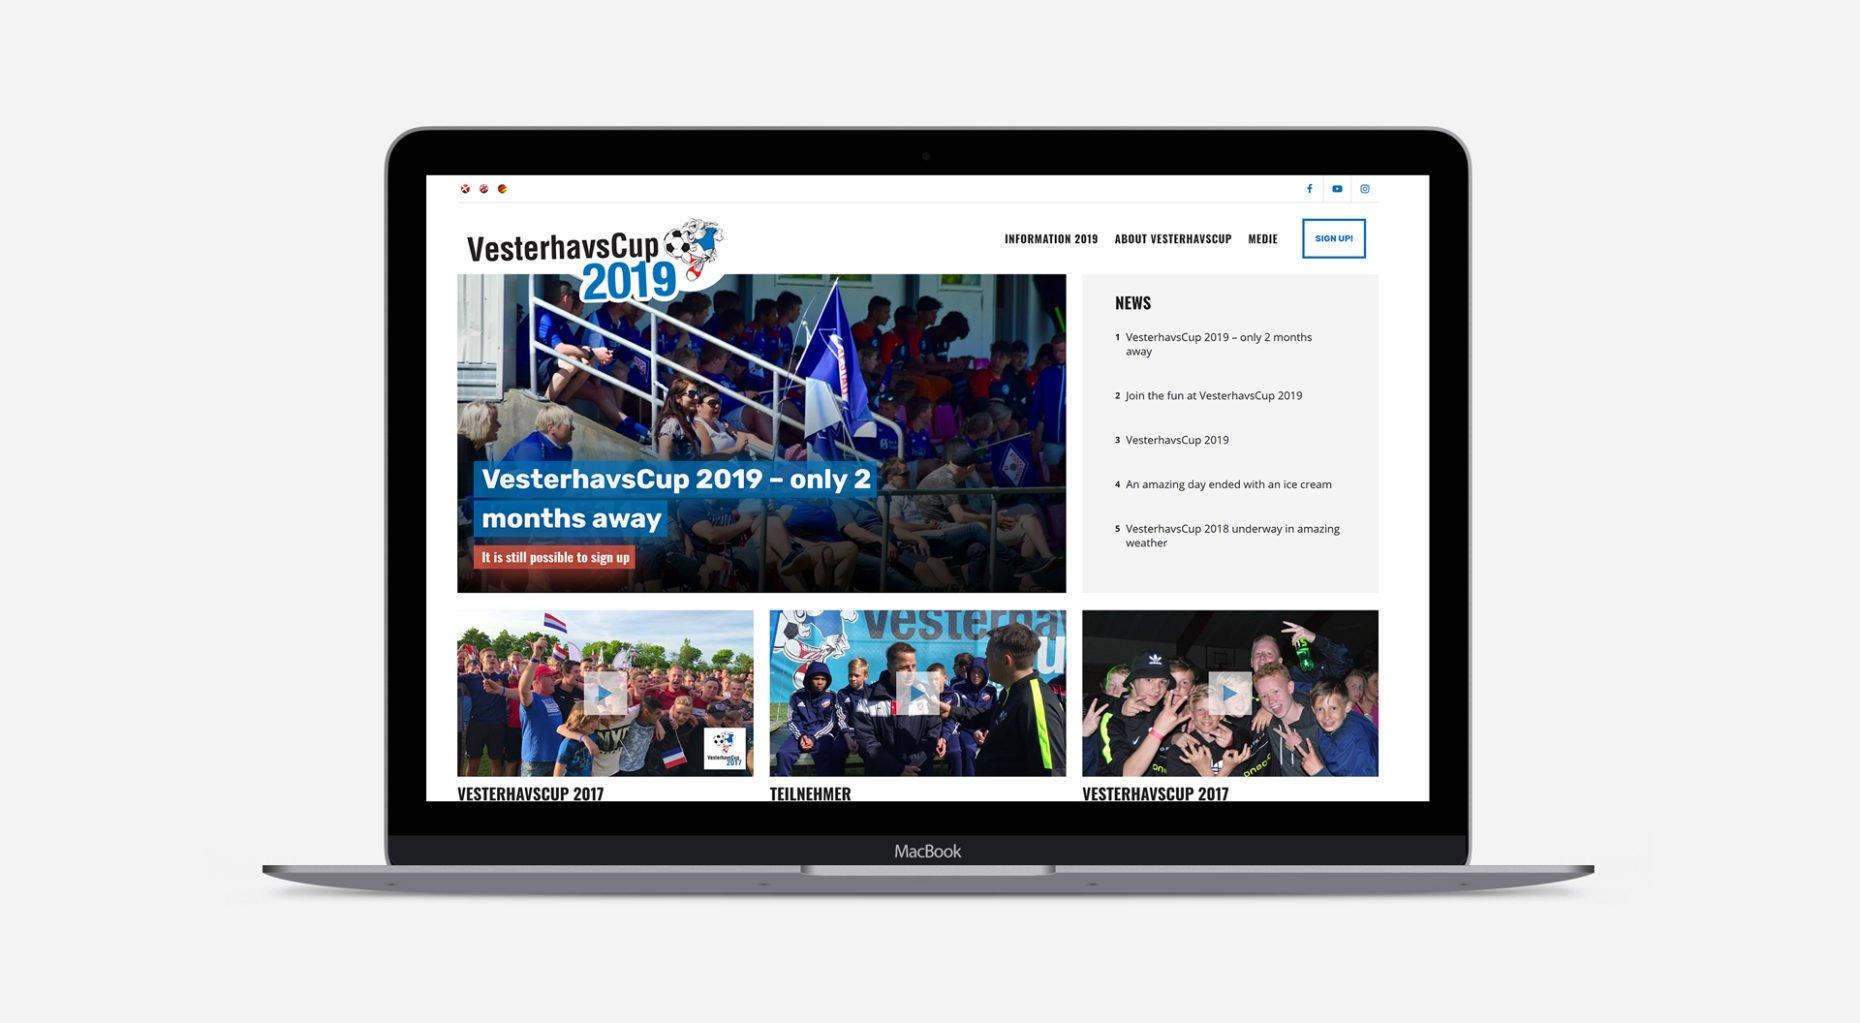 lennartc webdesign - vesterhavscup.dk case